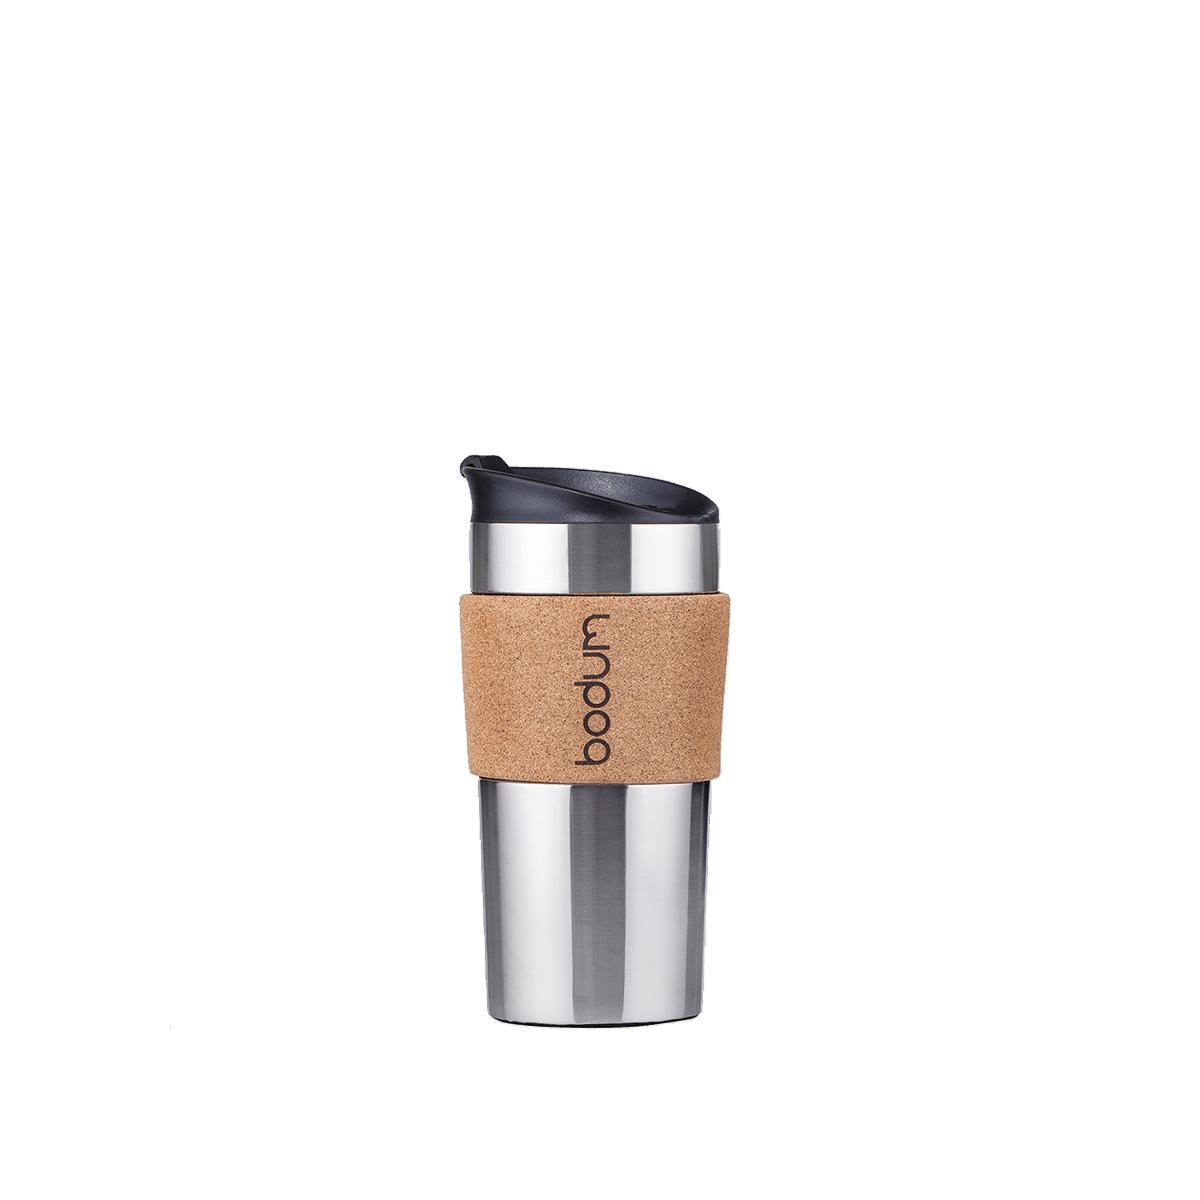 Double-walled insulated travel mug: Bodum® Travel Mug - Cork